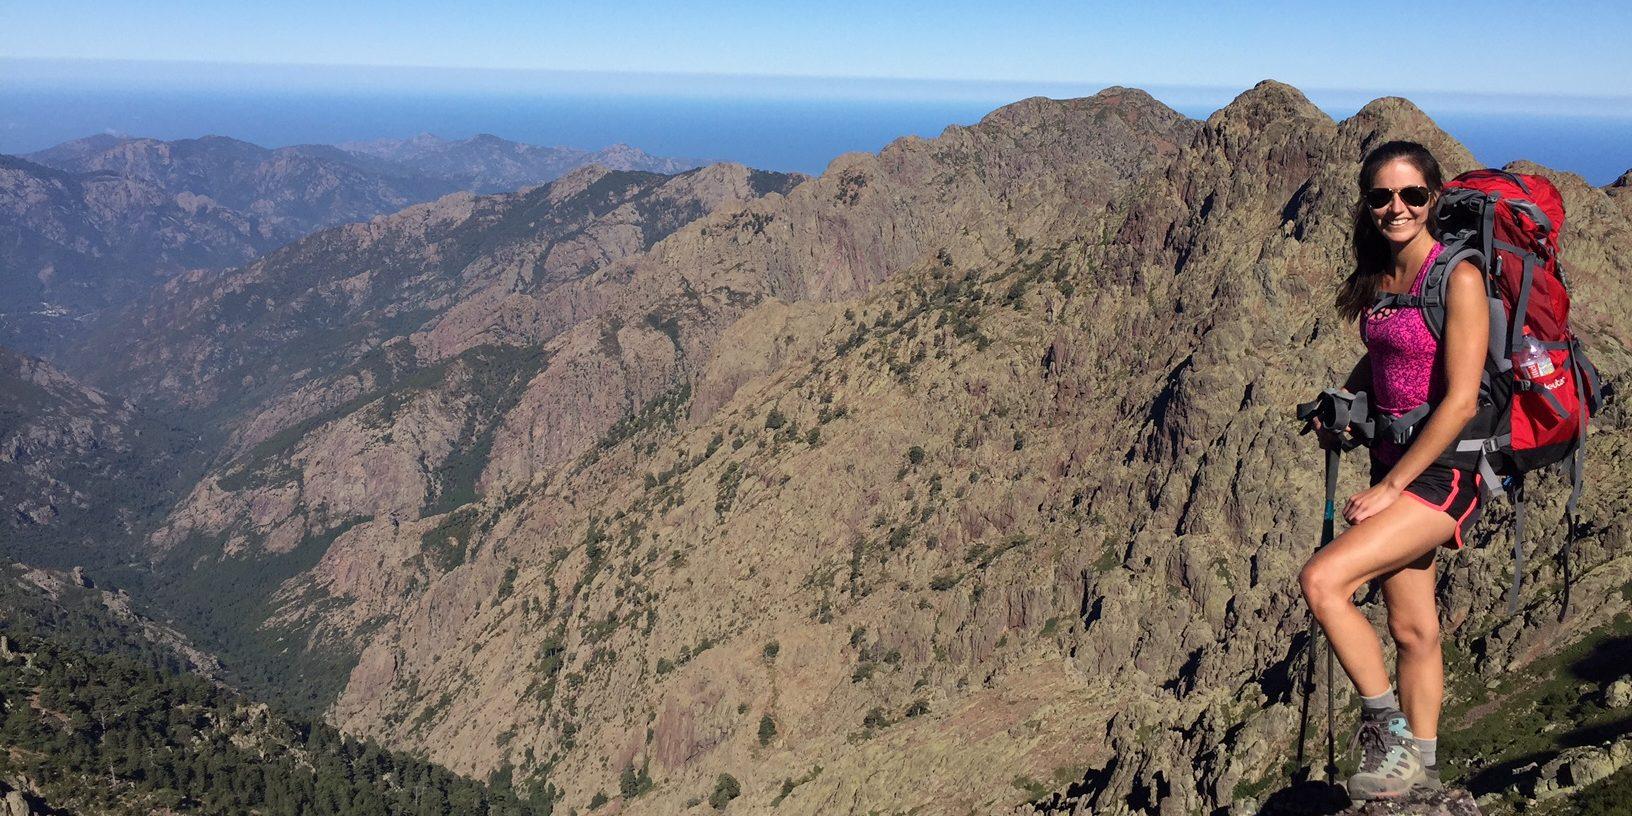 Corsica Frankrijk GR20 wandelen trekking vrouw bergen backpack